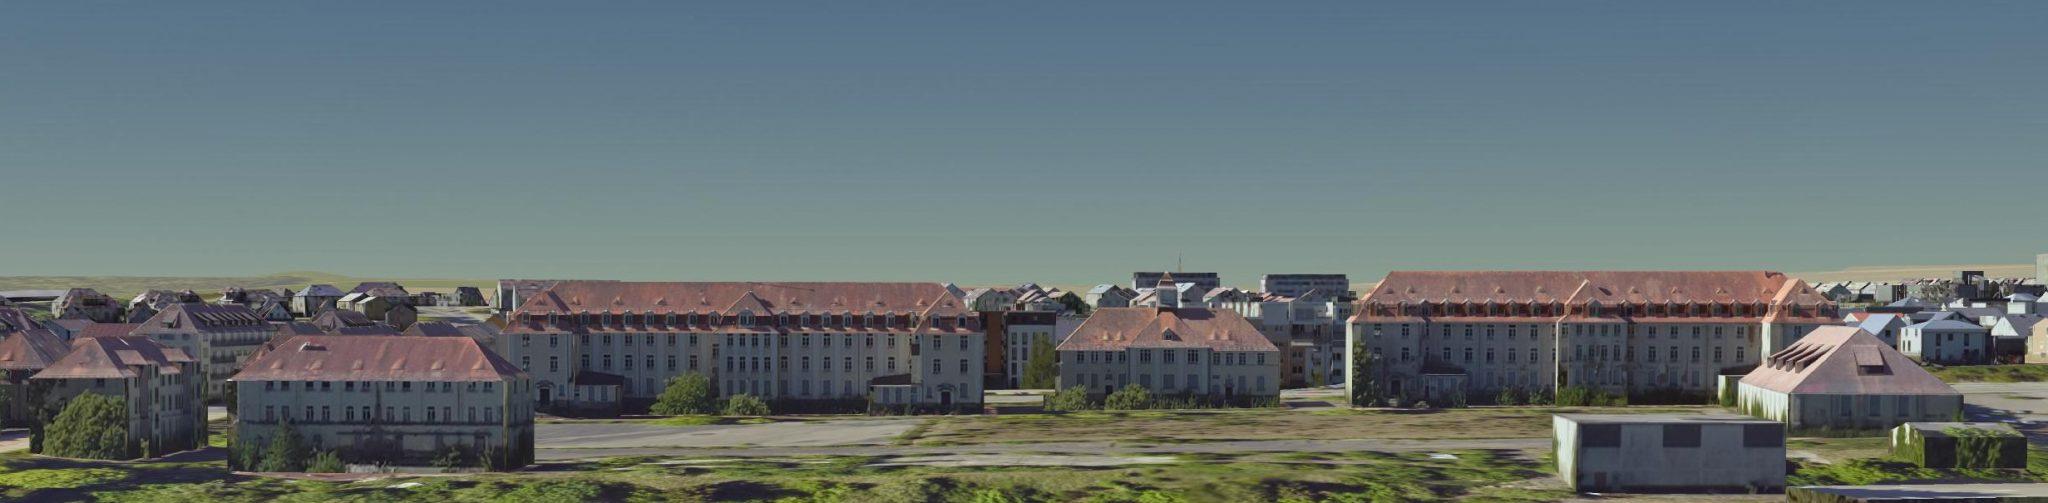 Lyautey- bzw. Richthofen-Kasernen-Gelände